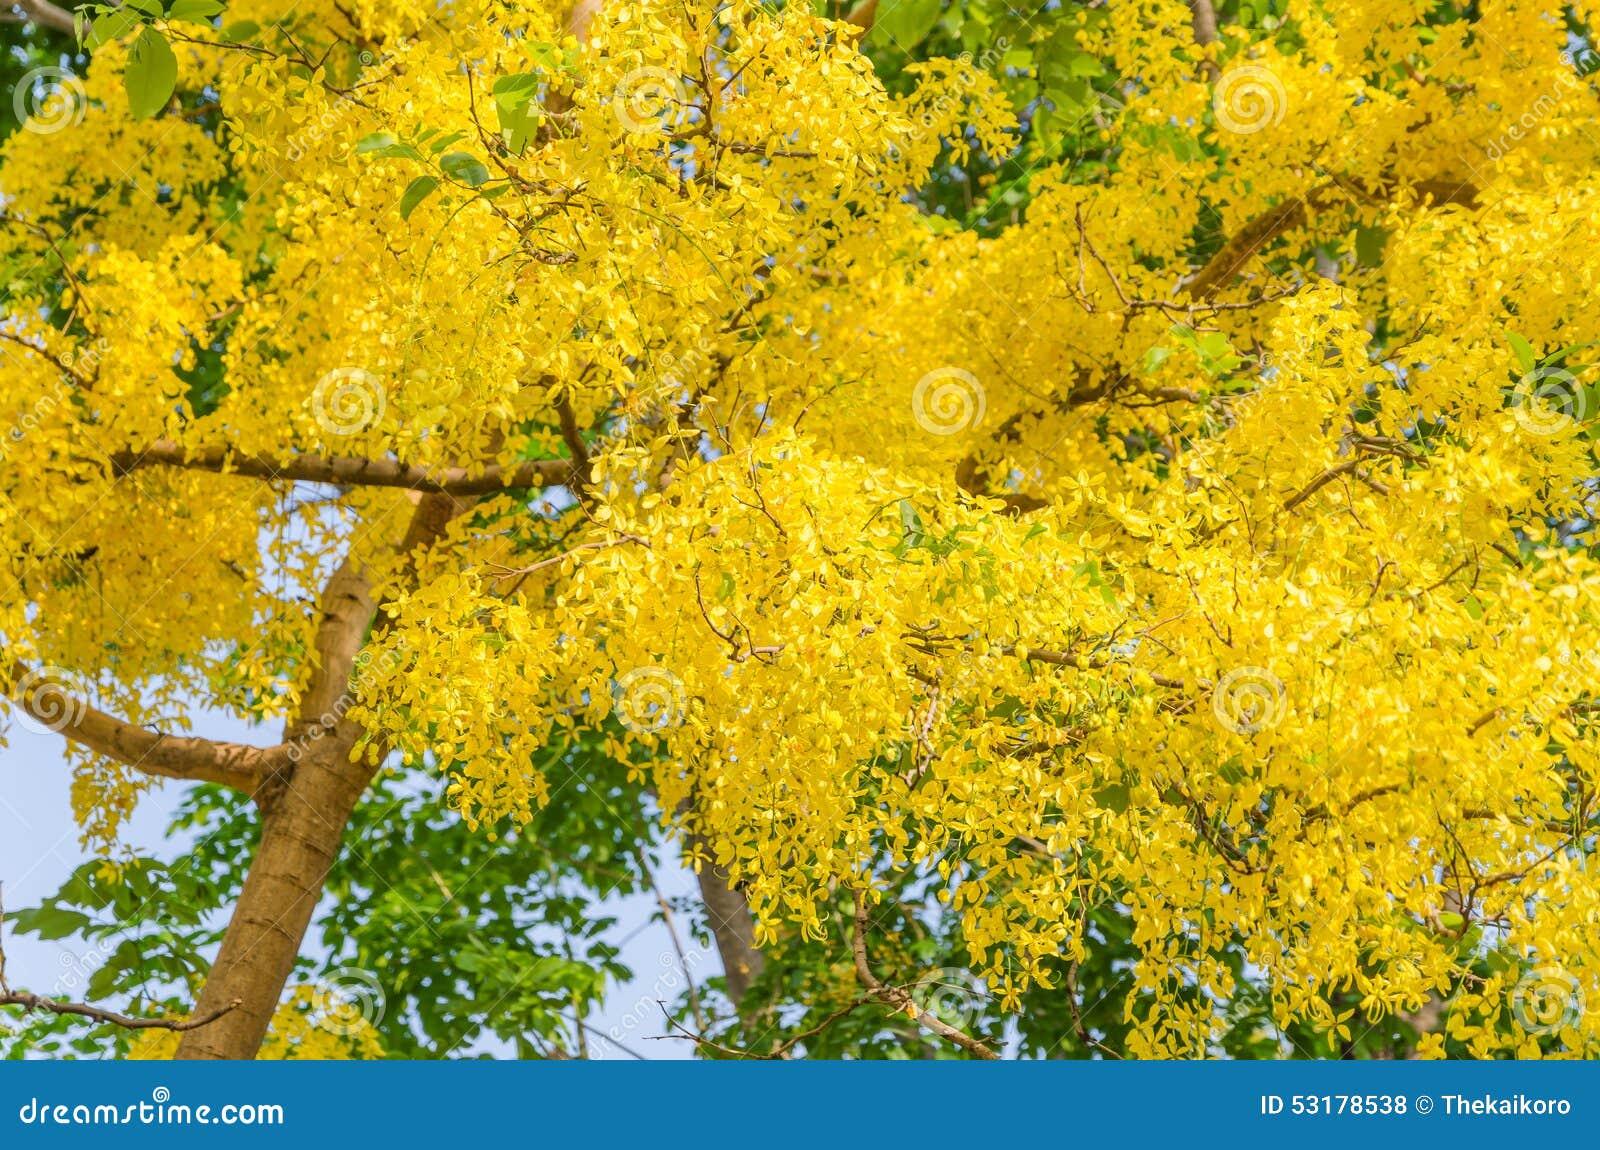 arbre de douche d 39 or belle fleur jaune photo stock image du normal d coration 53178538. Black Bedroom Furniture Sets. Home Design Ideas